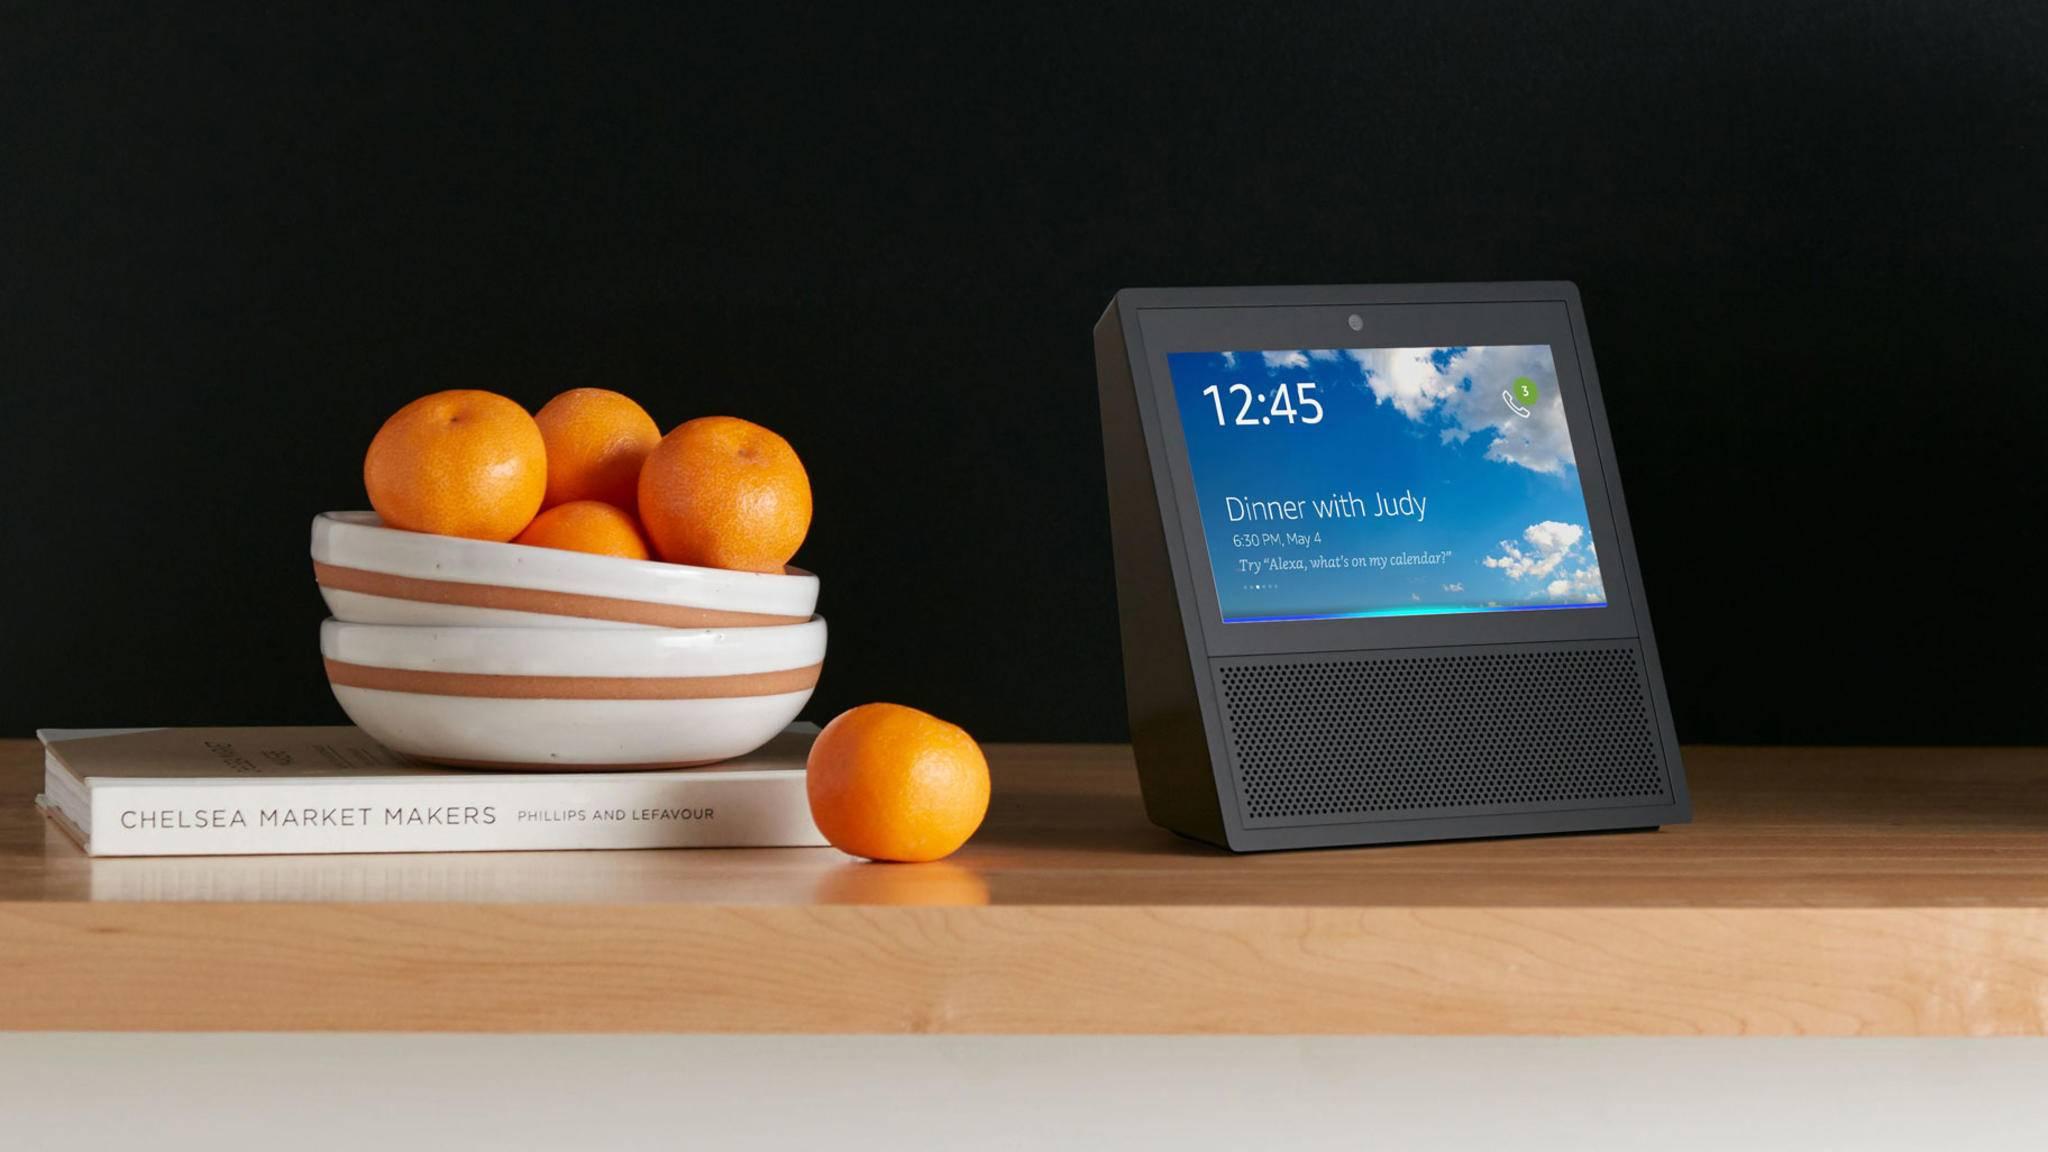 Der Amazon Echo Show soll im November auch nach Deutschland kommen.